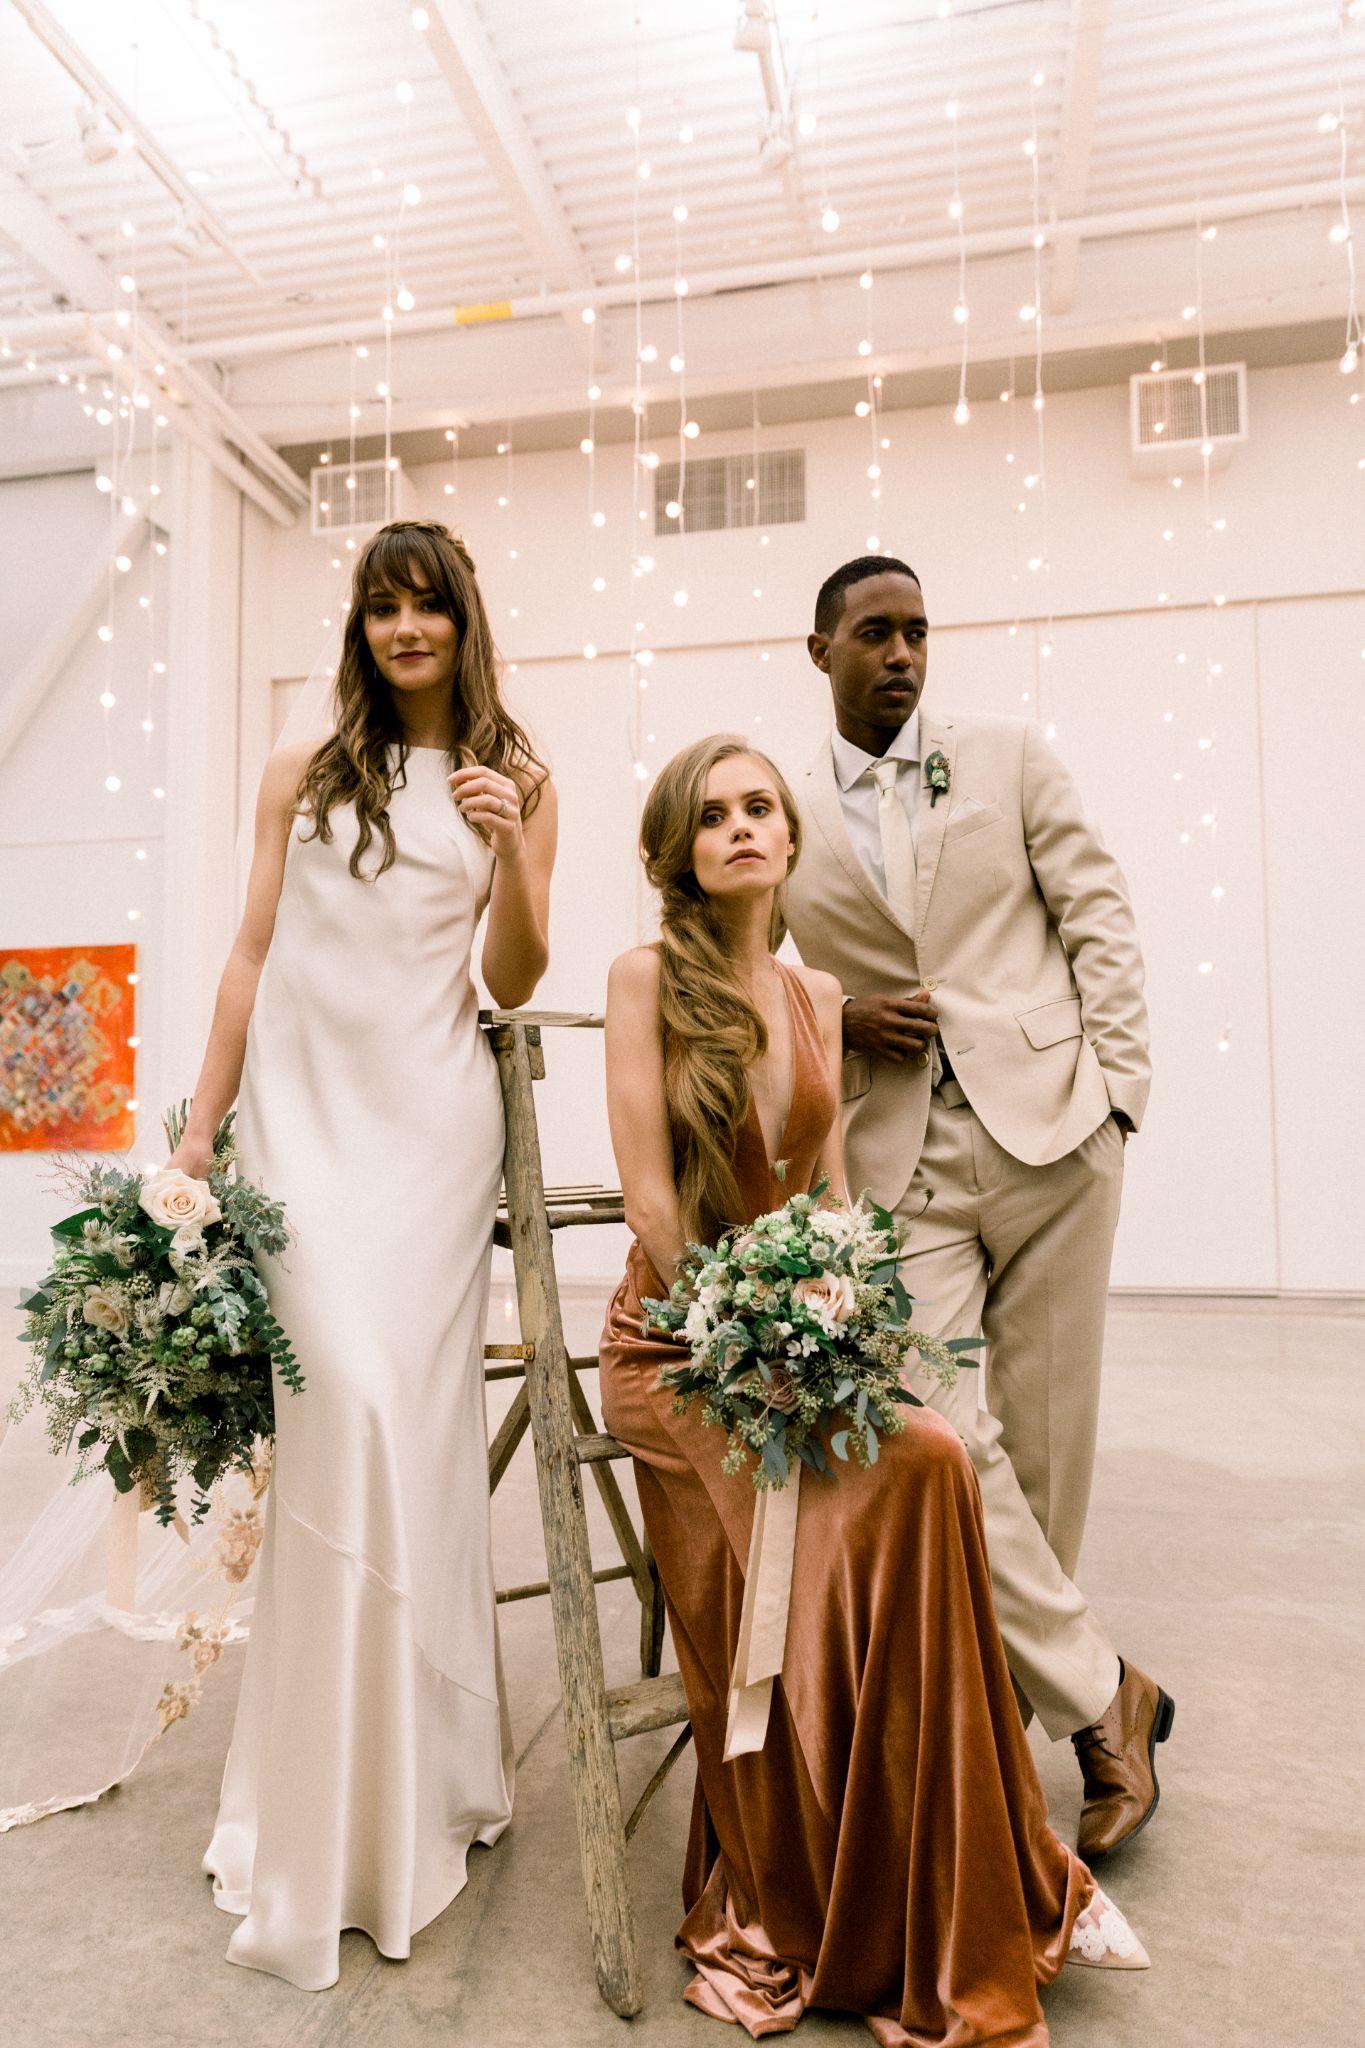 artists-for-humanity-industrial-bohemian-wedding-daylynn-designs320.jpg